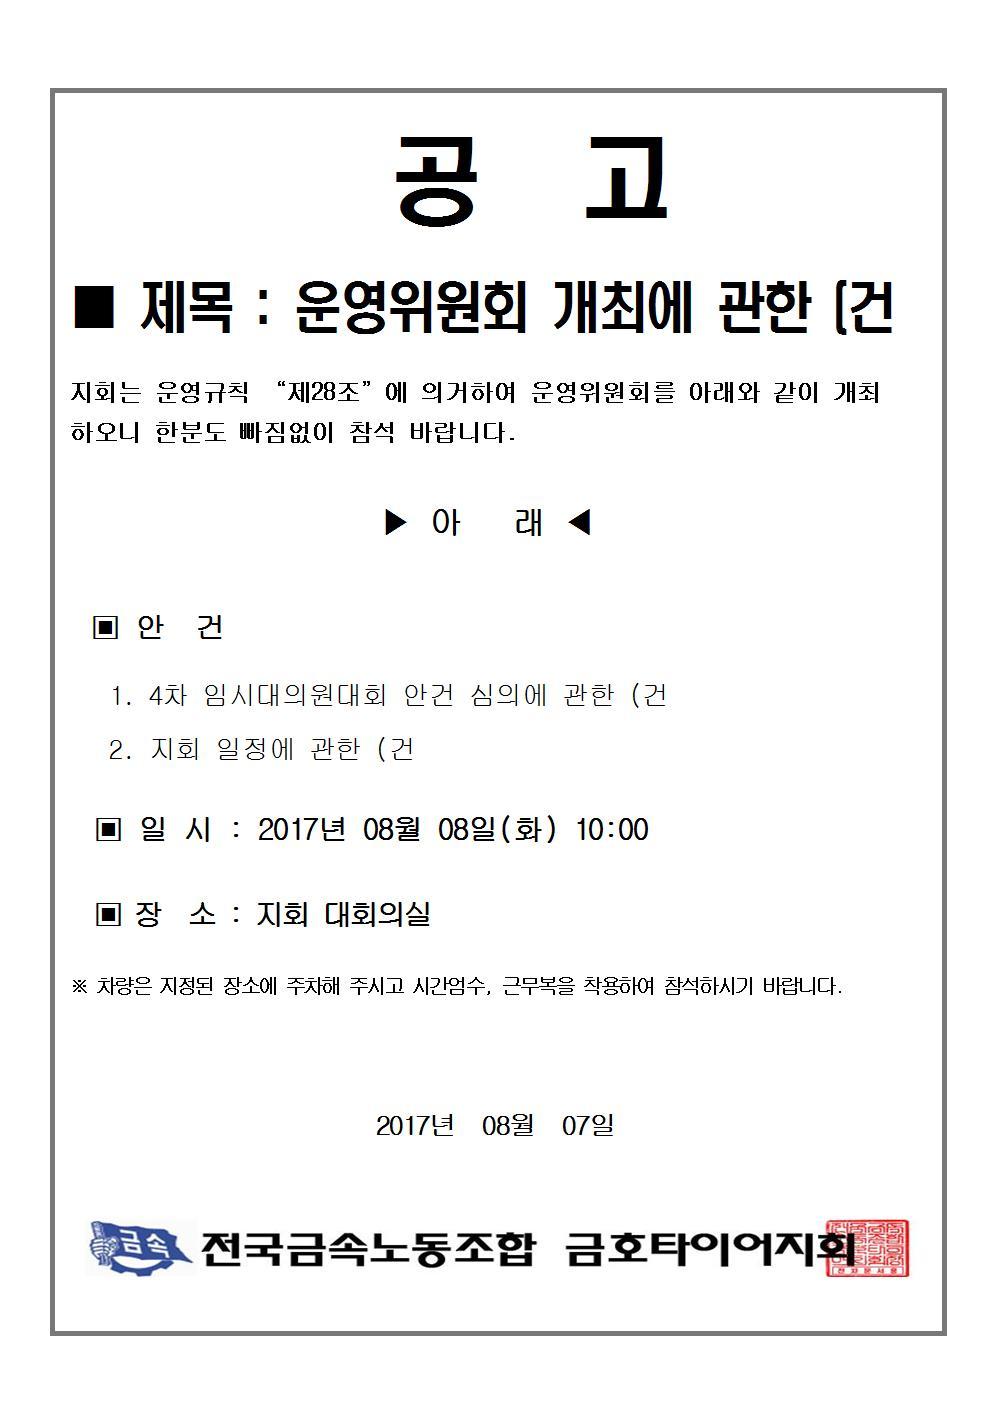 4차운영위개최공고 17.07.21001.jpg